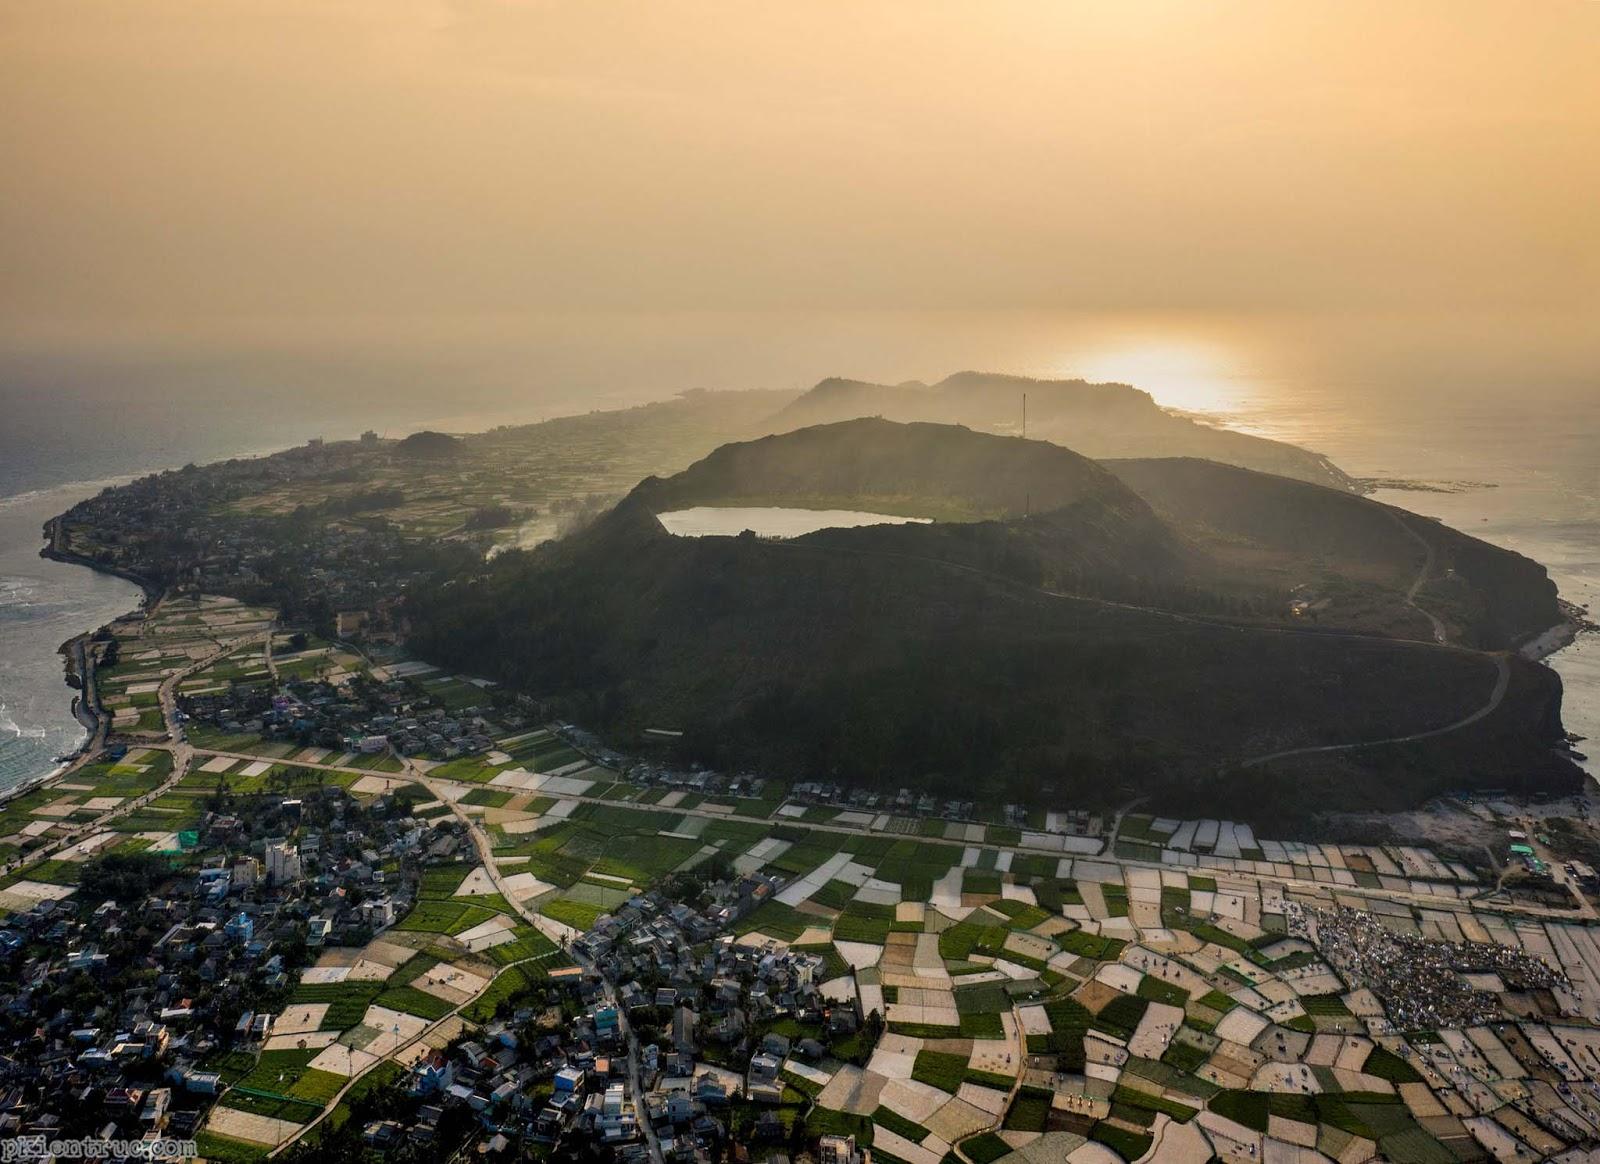 núi lửa tuyệt đẹp trên đảo tỏi Lý Sơn